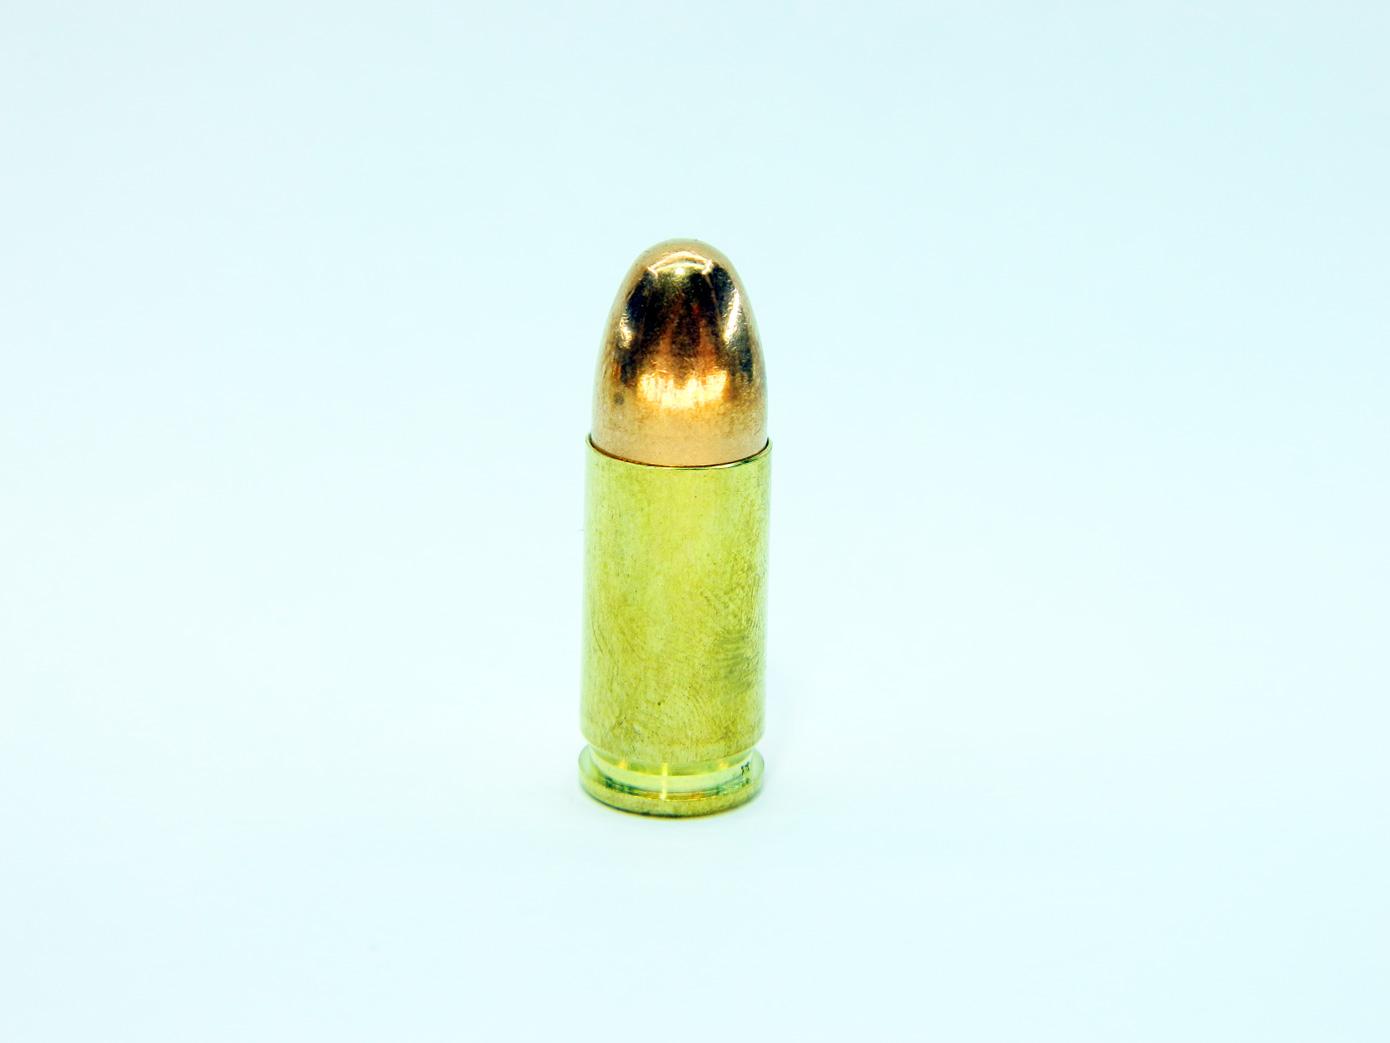 Макет патрона 9mm Luger изображение 0